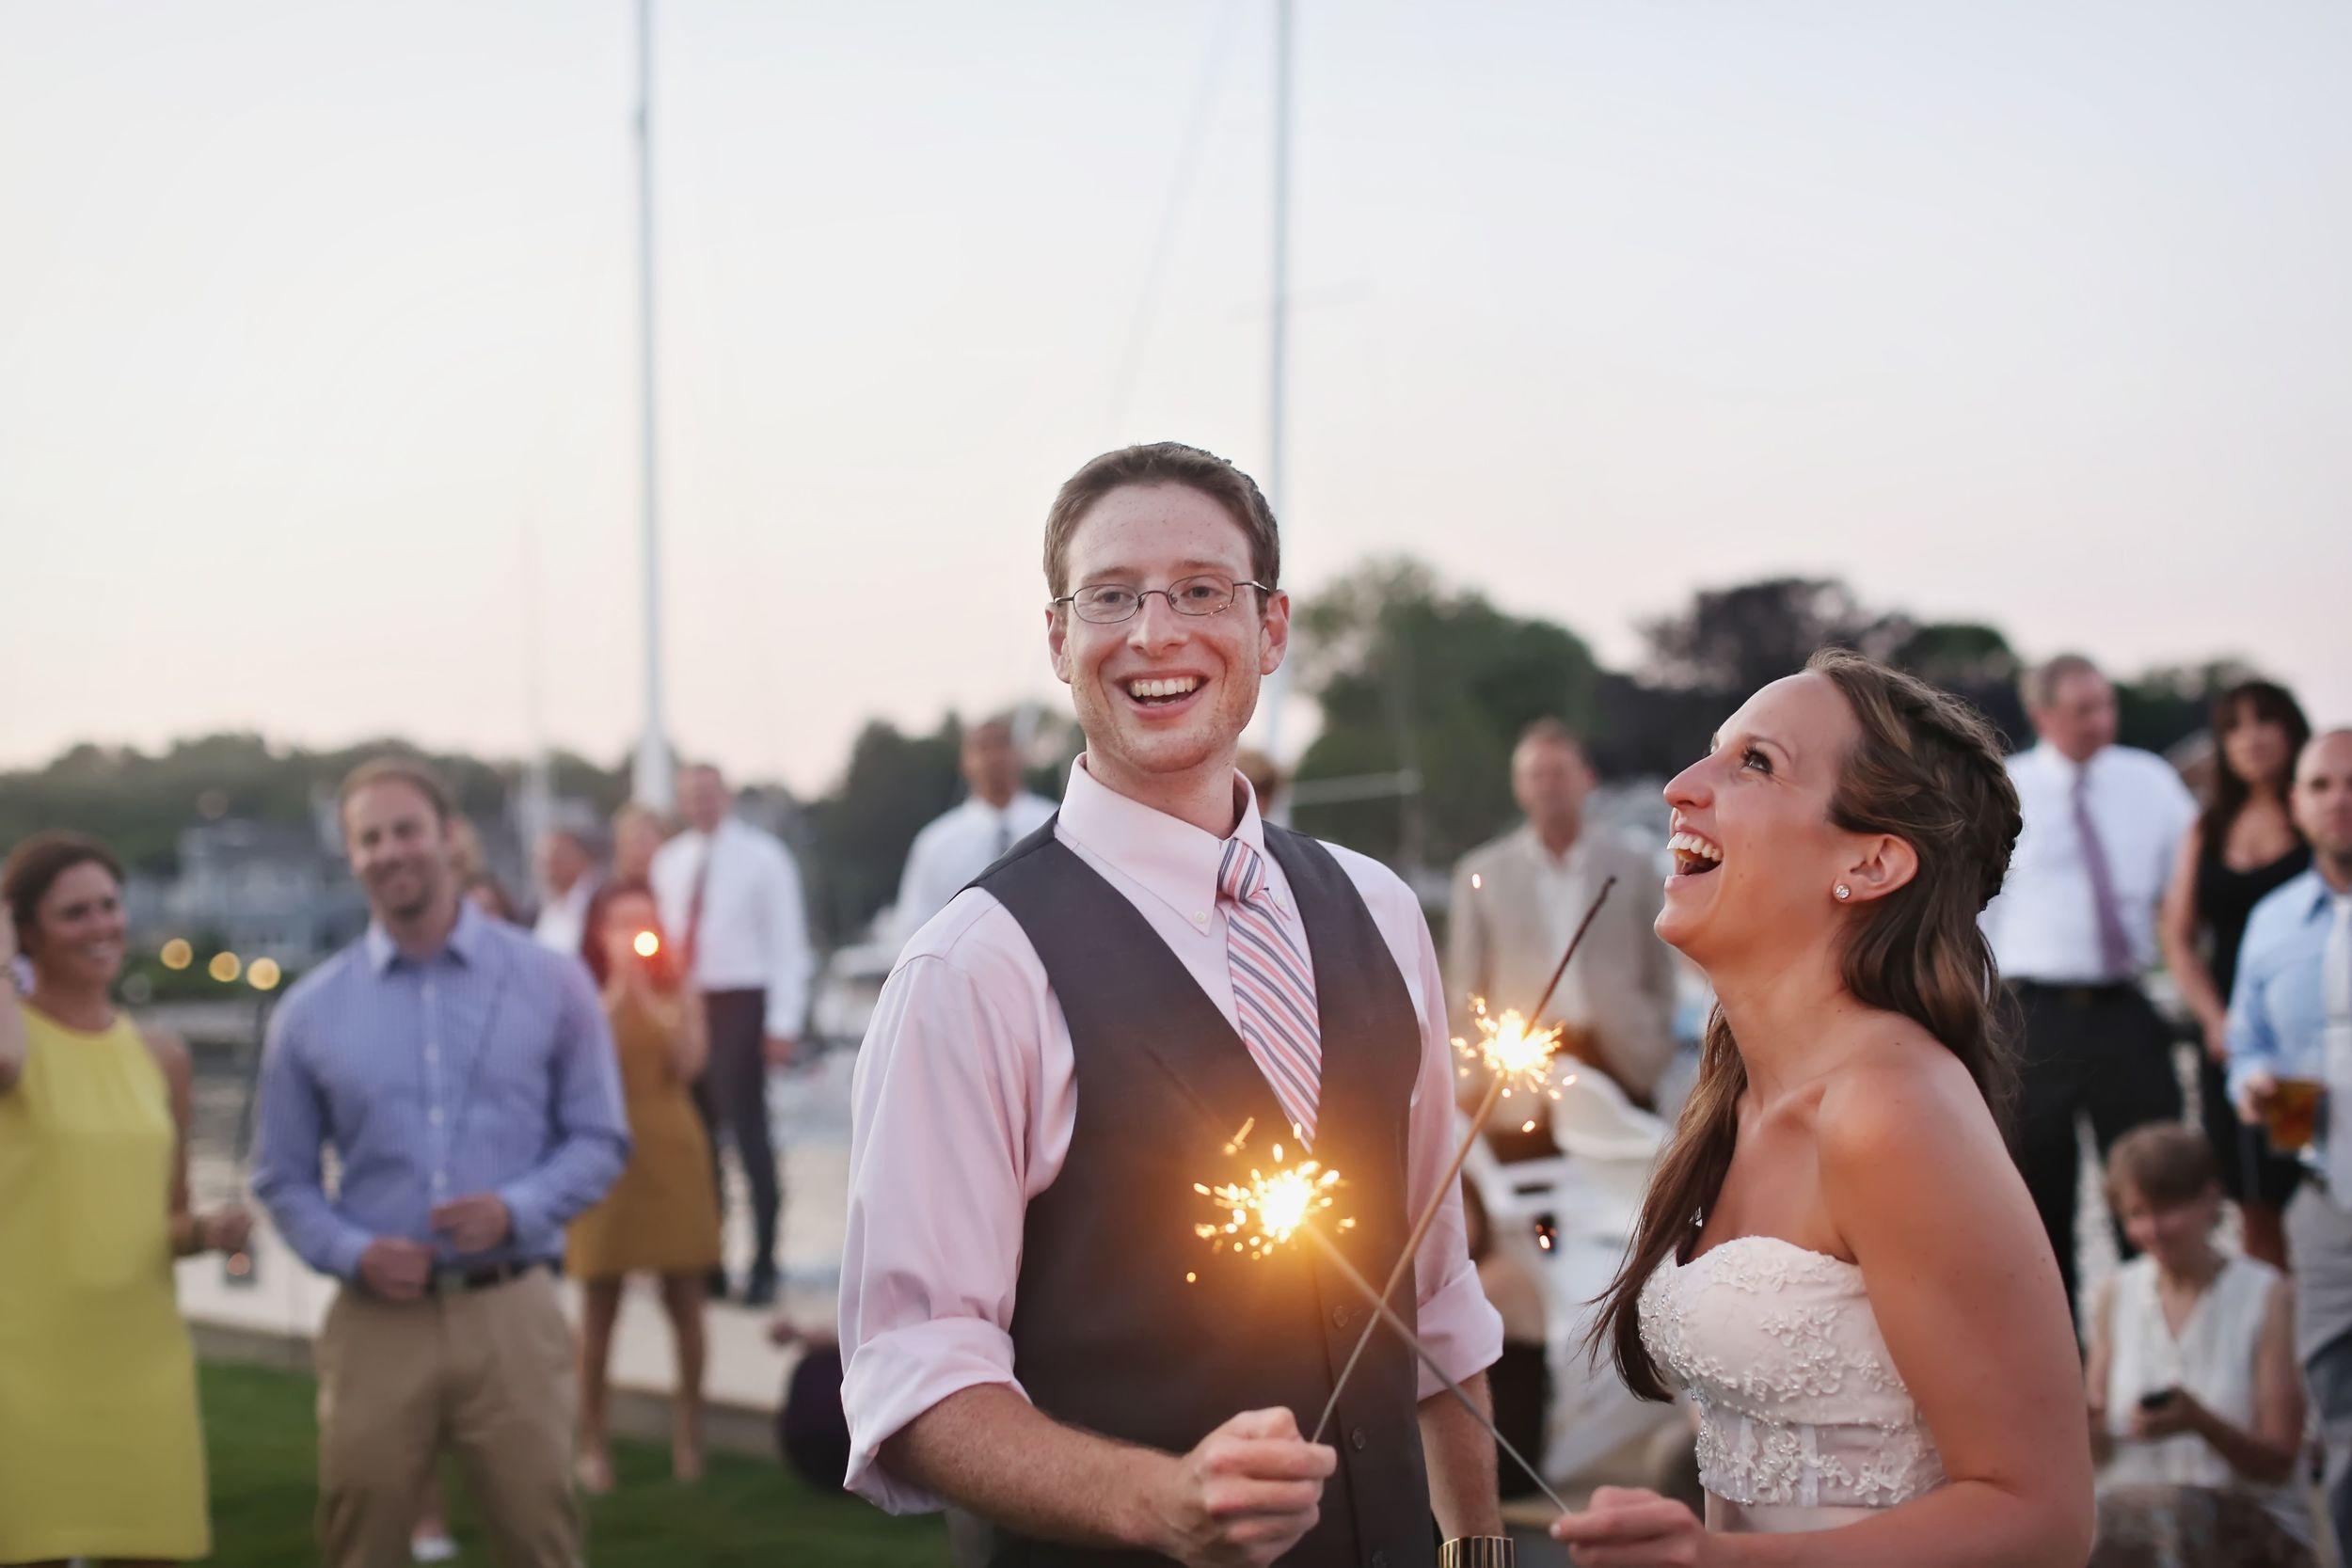 Milford Yacht Club Wedding Fairfield County Wedding Amy Champagne Events53.jpg